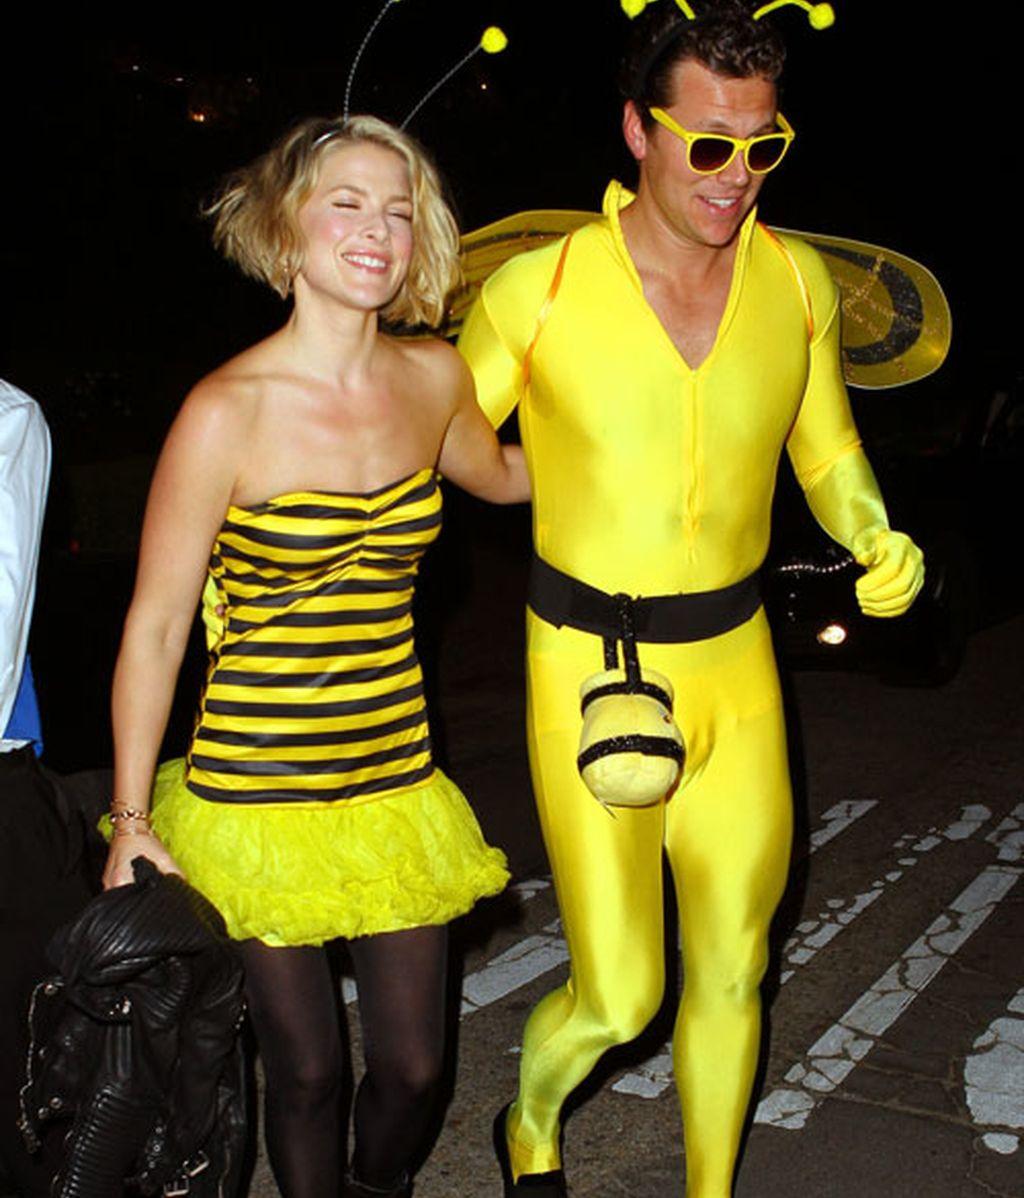 Caperucitas, abejas, cenicientas y mucho músculo, entre los disfraces de las celebs